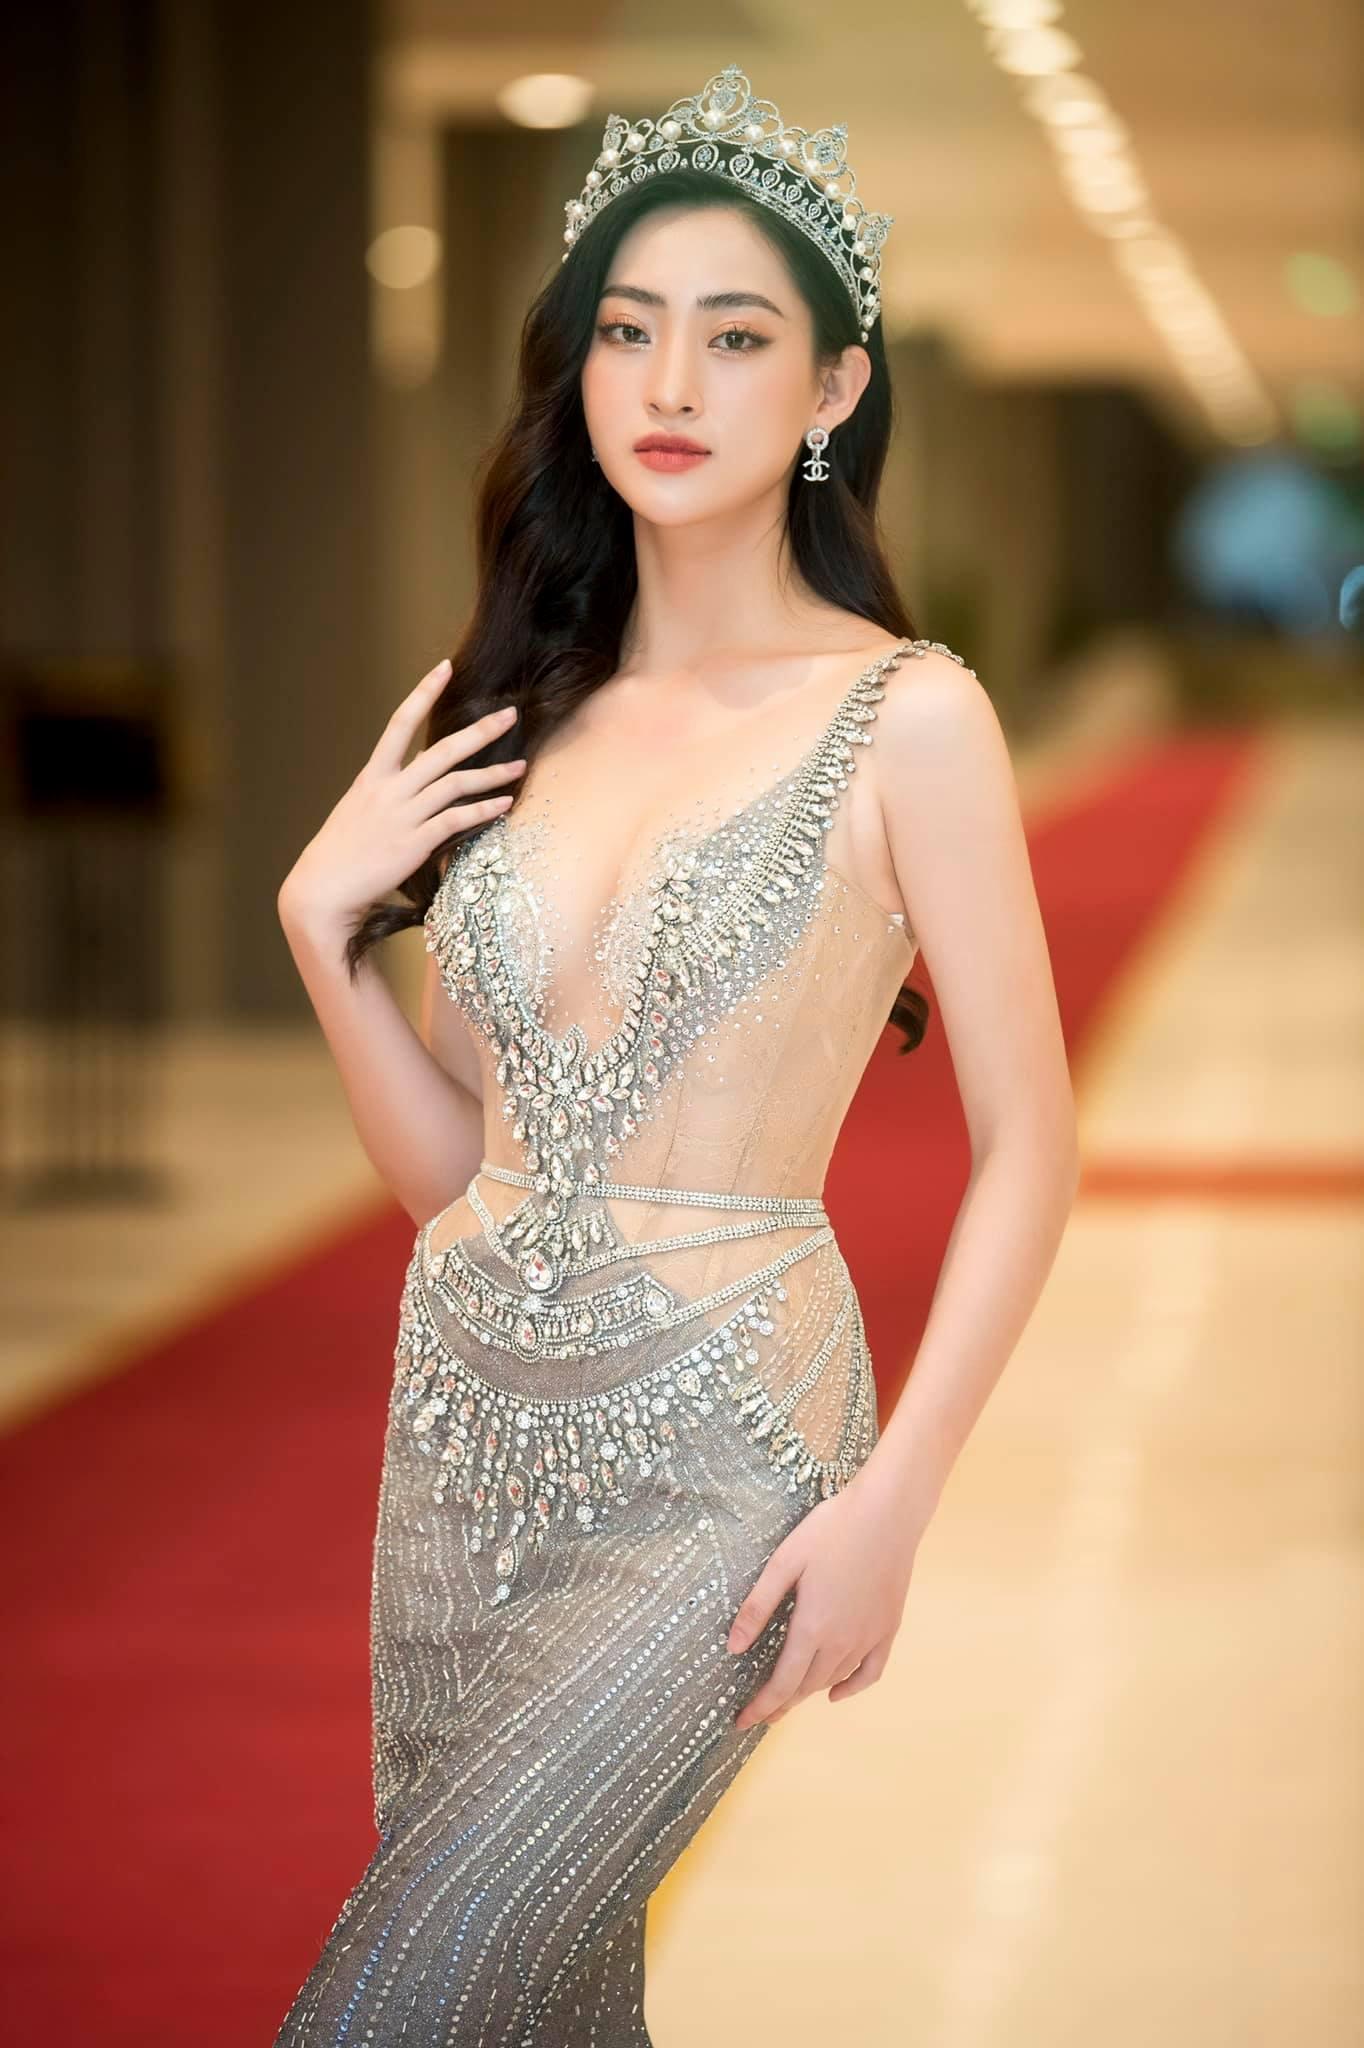 Hoa hậu Cao Bằng có số đo đẹp nhất lịch sử quấn khăn như thần Vệ nữ tôn body tượng tạc - 6